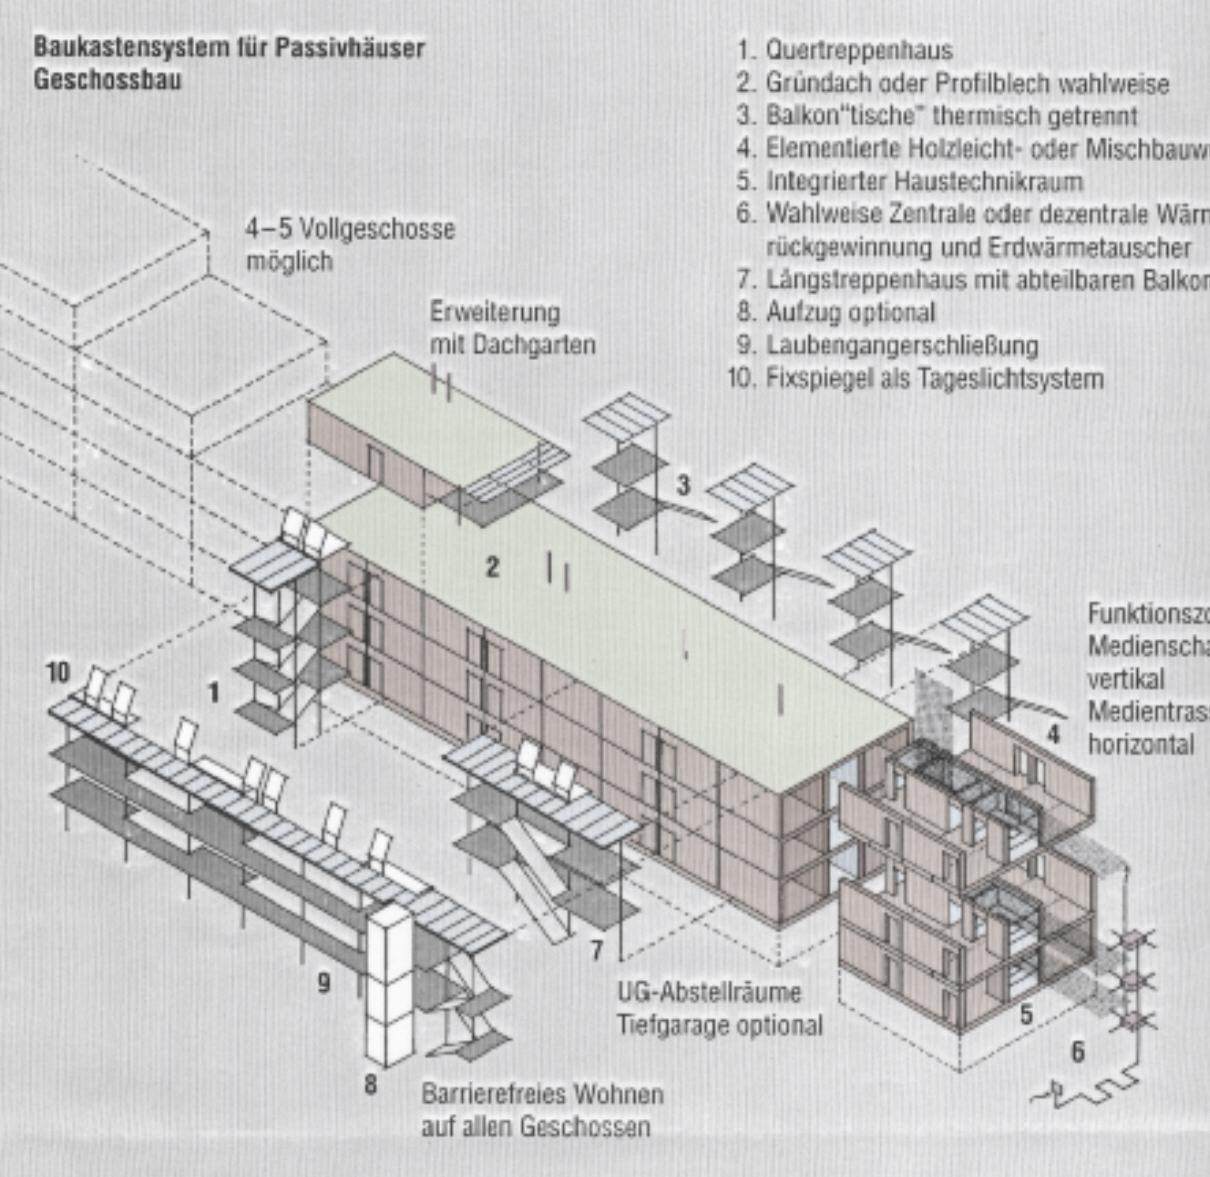 Passivhaus-Baukasten für Mehrfamilienhaus 1996